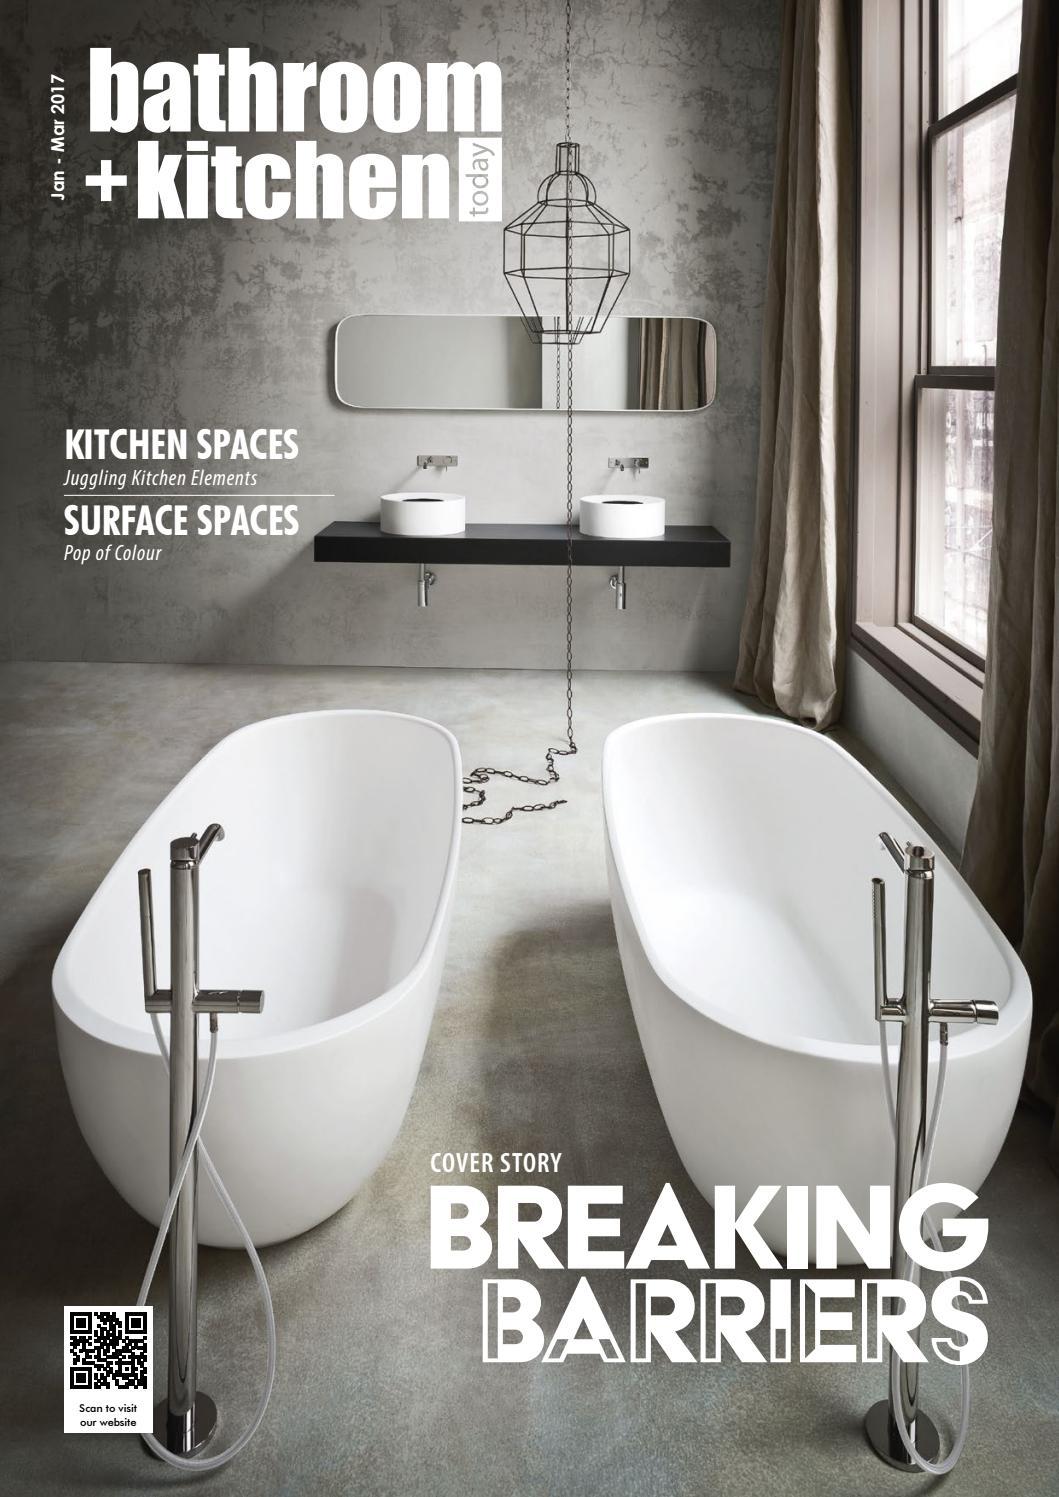 Bathroom Kitchen bathroom + kitchen today : vol. 1 / 2017bathroom + kitchen